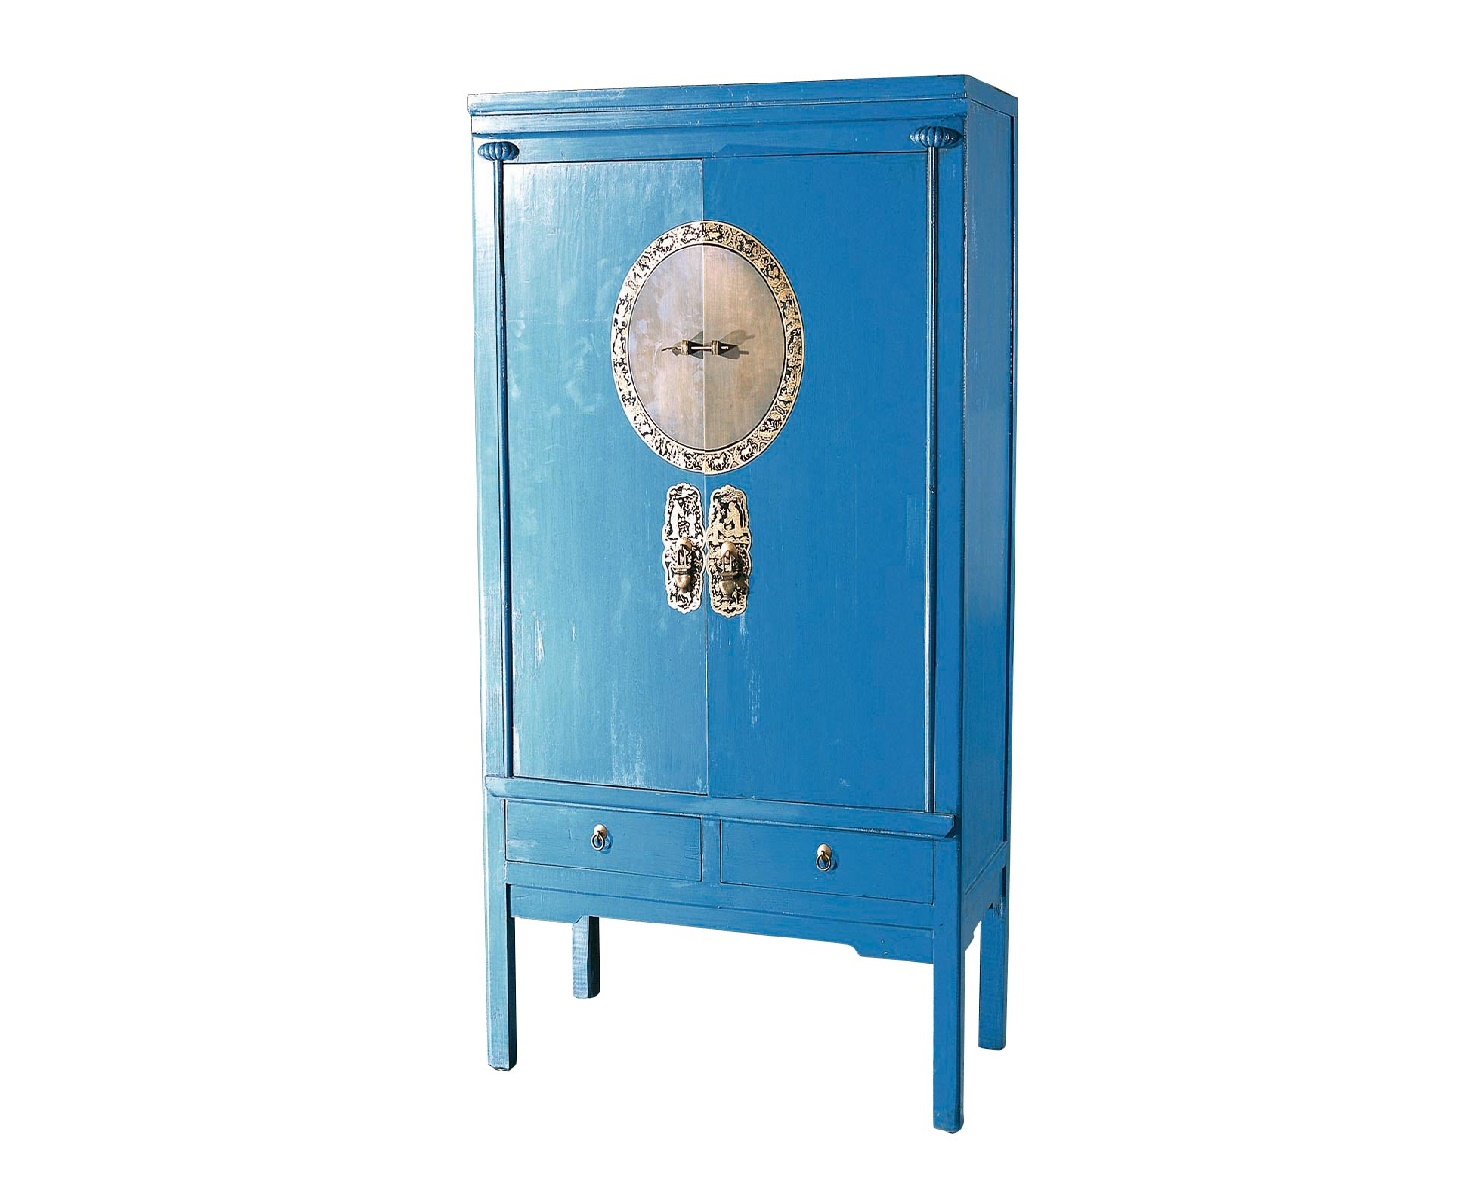 Шкаф ГуйБельевые шкафы<br>Ценителям старинной мебели, несущей в себе завораживающее очарование определенной эпохи, понравится шкаф &amp;quot;Гуй&amp;quot;. Он выполнен в ярком голубом цвете и является репродукцией мебели, использовавшейся в период правления династии Мин. Главным украшением шкафа служит латунная накладка с запором. Он отлично дополнит собой интерьер в стиле этно.<br><br>Material: Дерево<br>Ширина см: 50<br>Высота см: 170